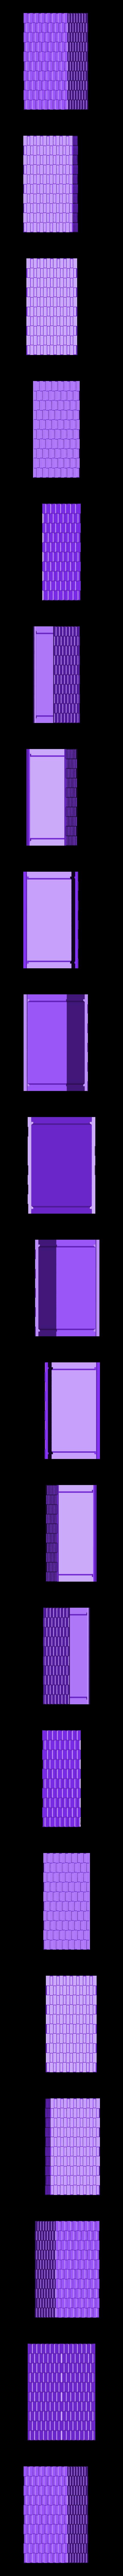 Assembly_House_2_-_Roof.stl Télécharger fichier STL gratuit Petit maison en jouet • Design à imprimer en 3D, crprinting